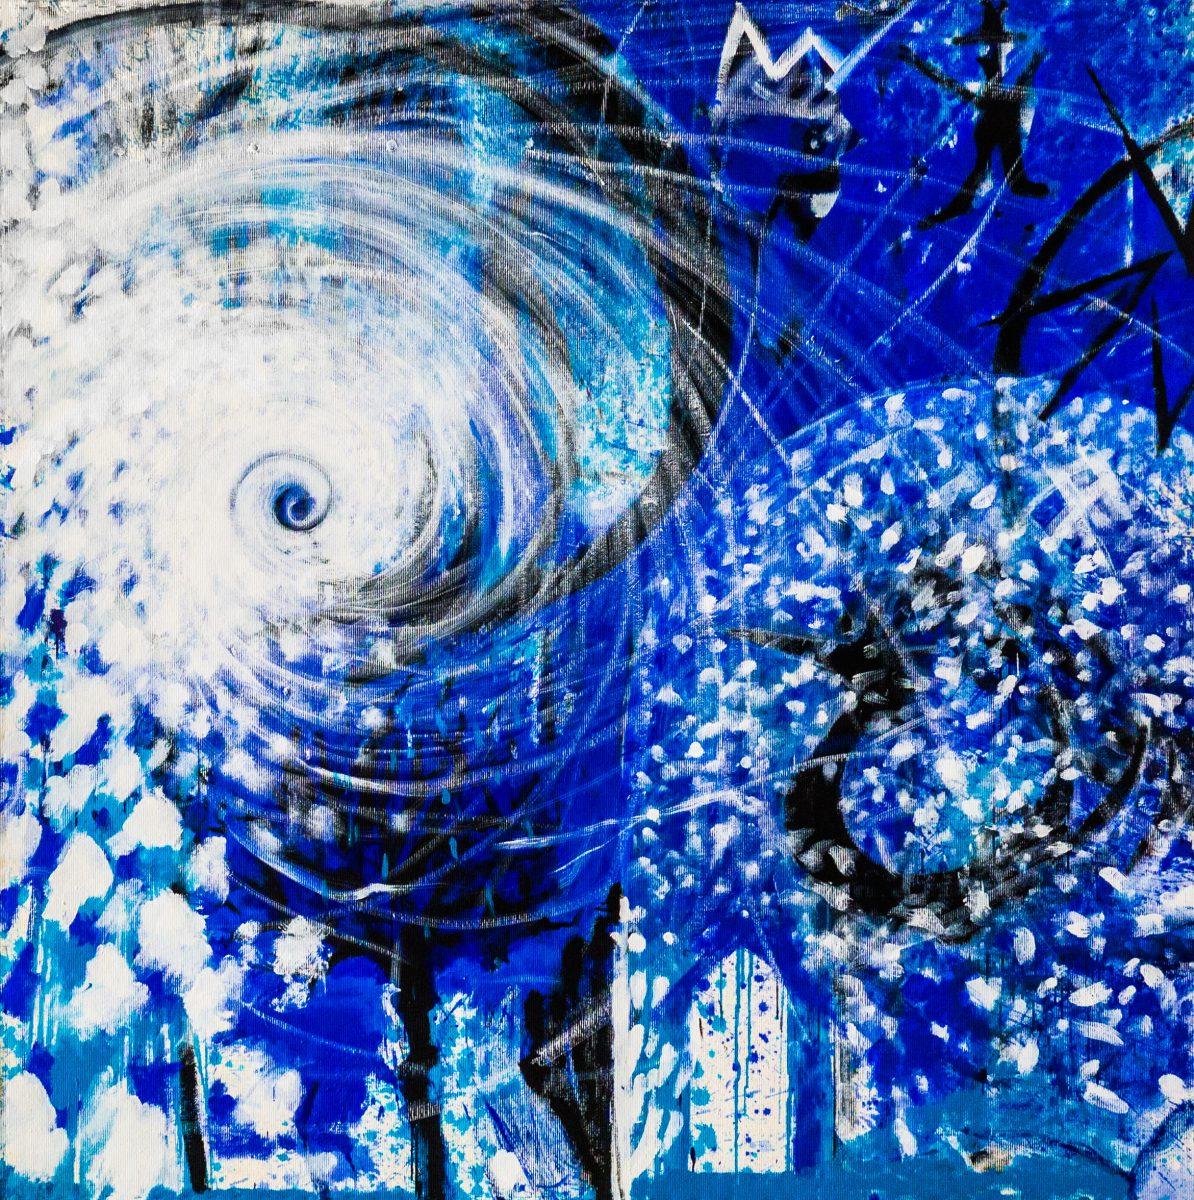 029_drinnen & draußen, Acryl auf Zellstoff, 182 x 182 cm, 2010